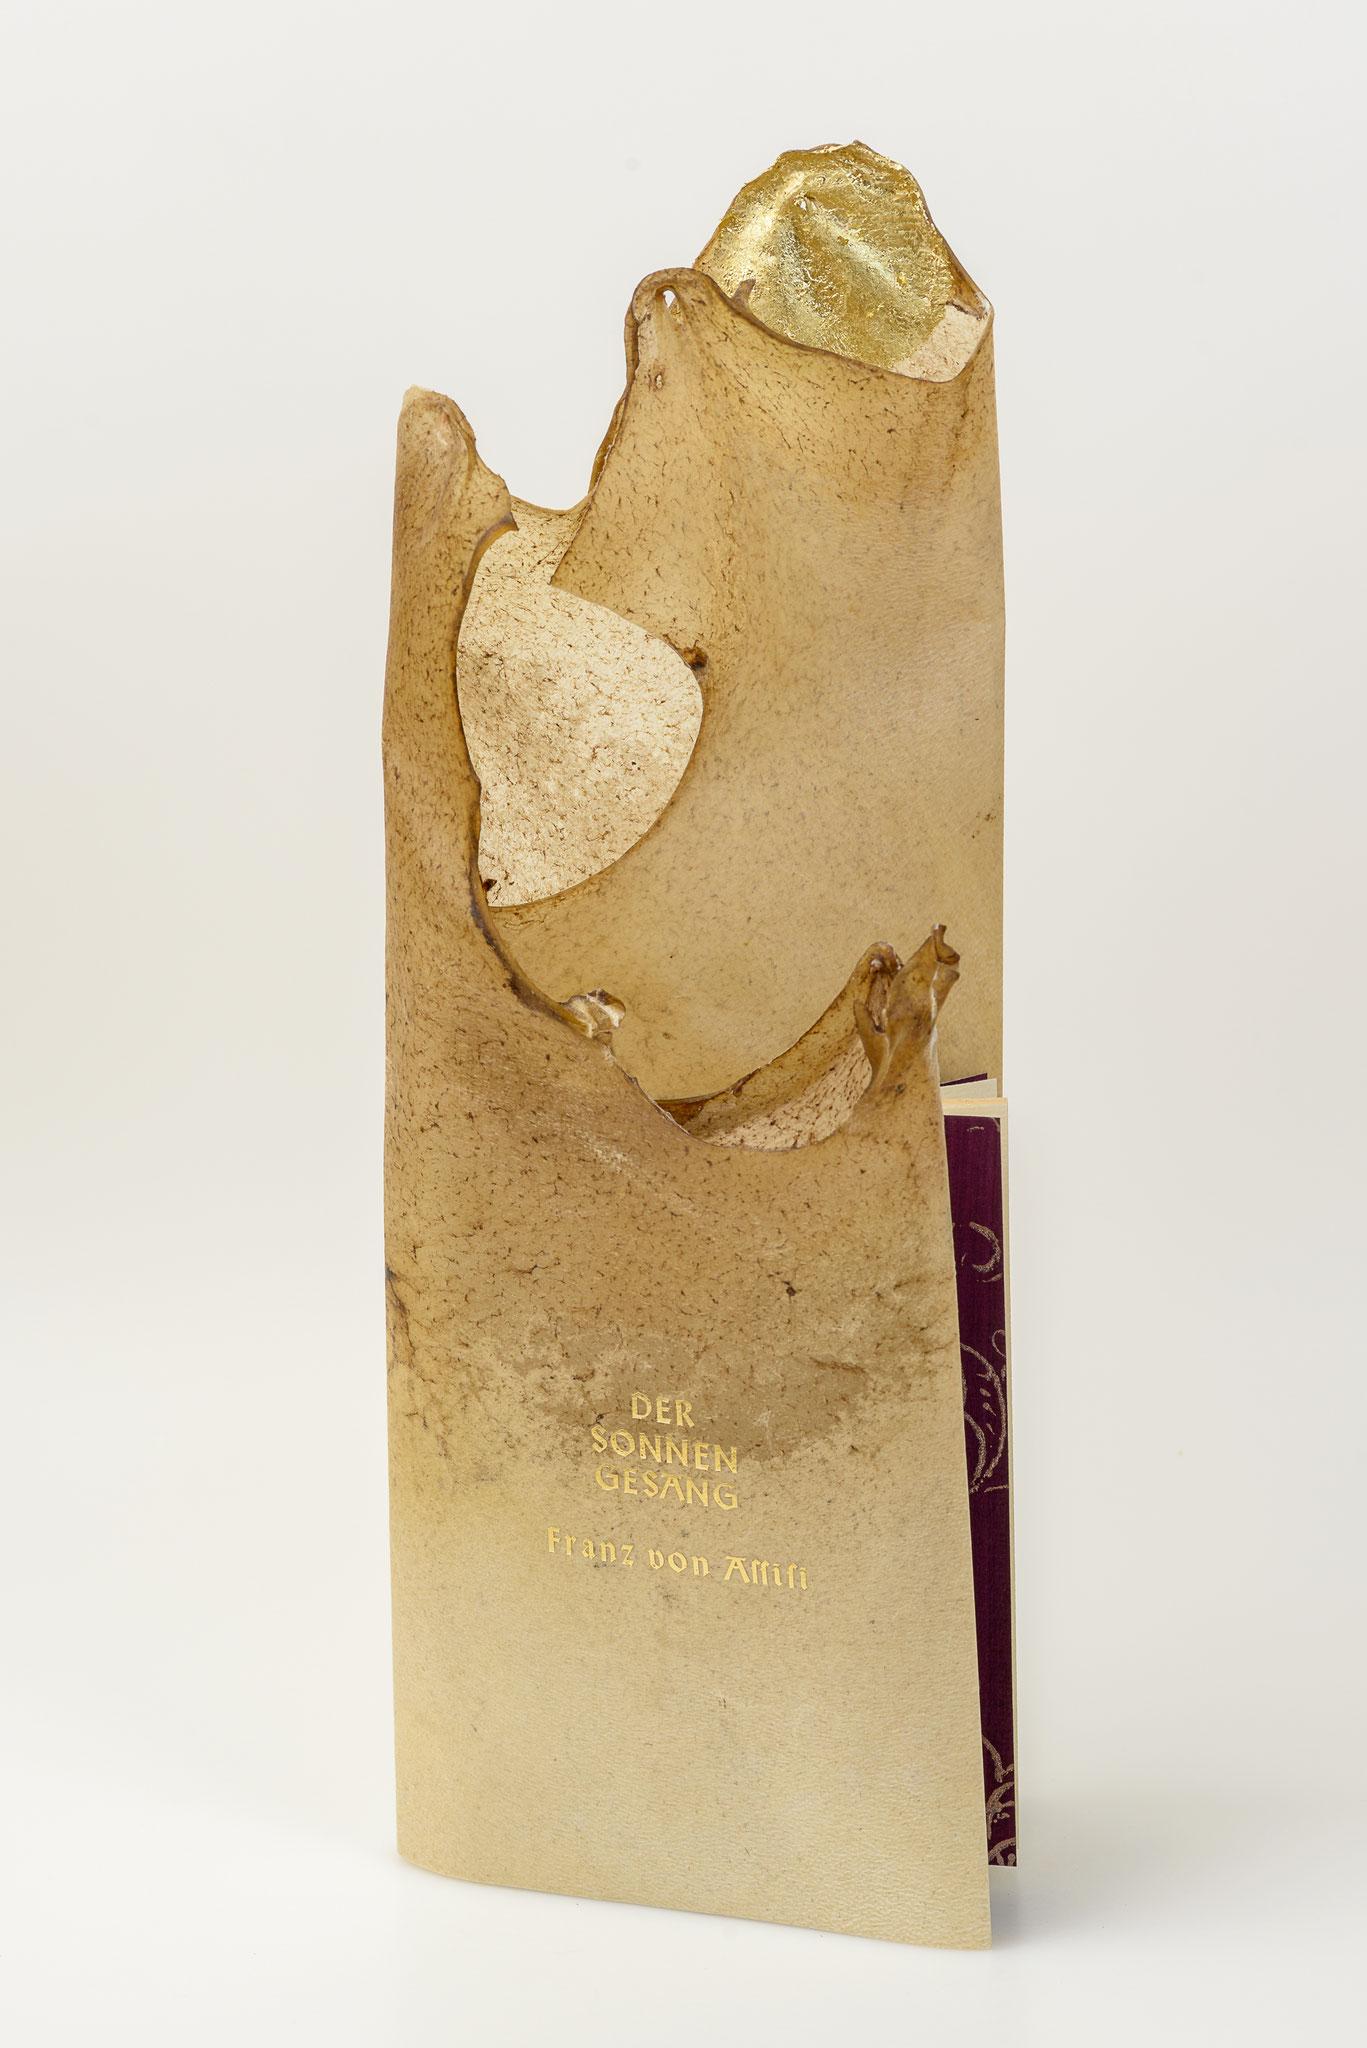 Der Sonnengesang von Franz von Assisi, Pergament Broschur mit Kaltvergoldung, verkauft